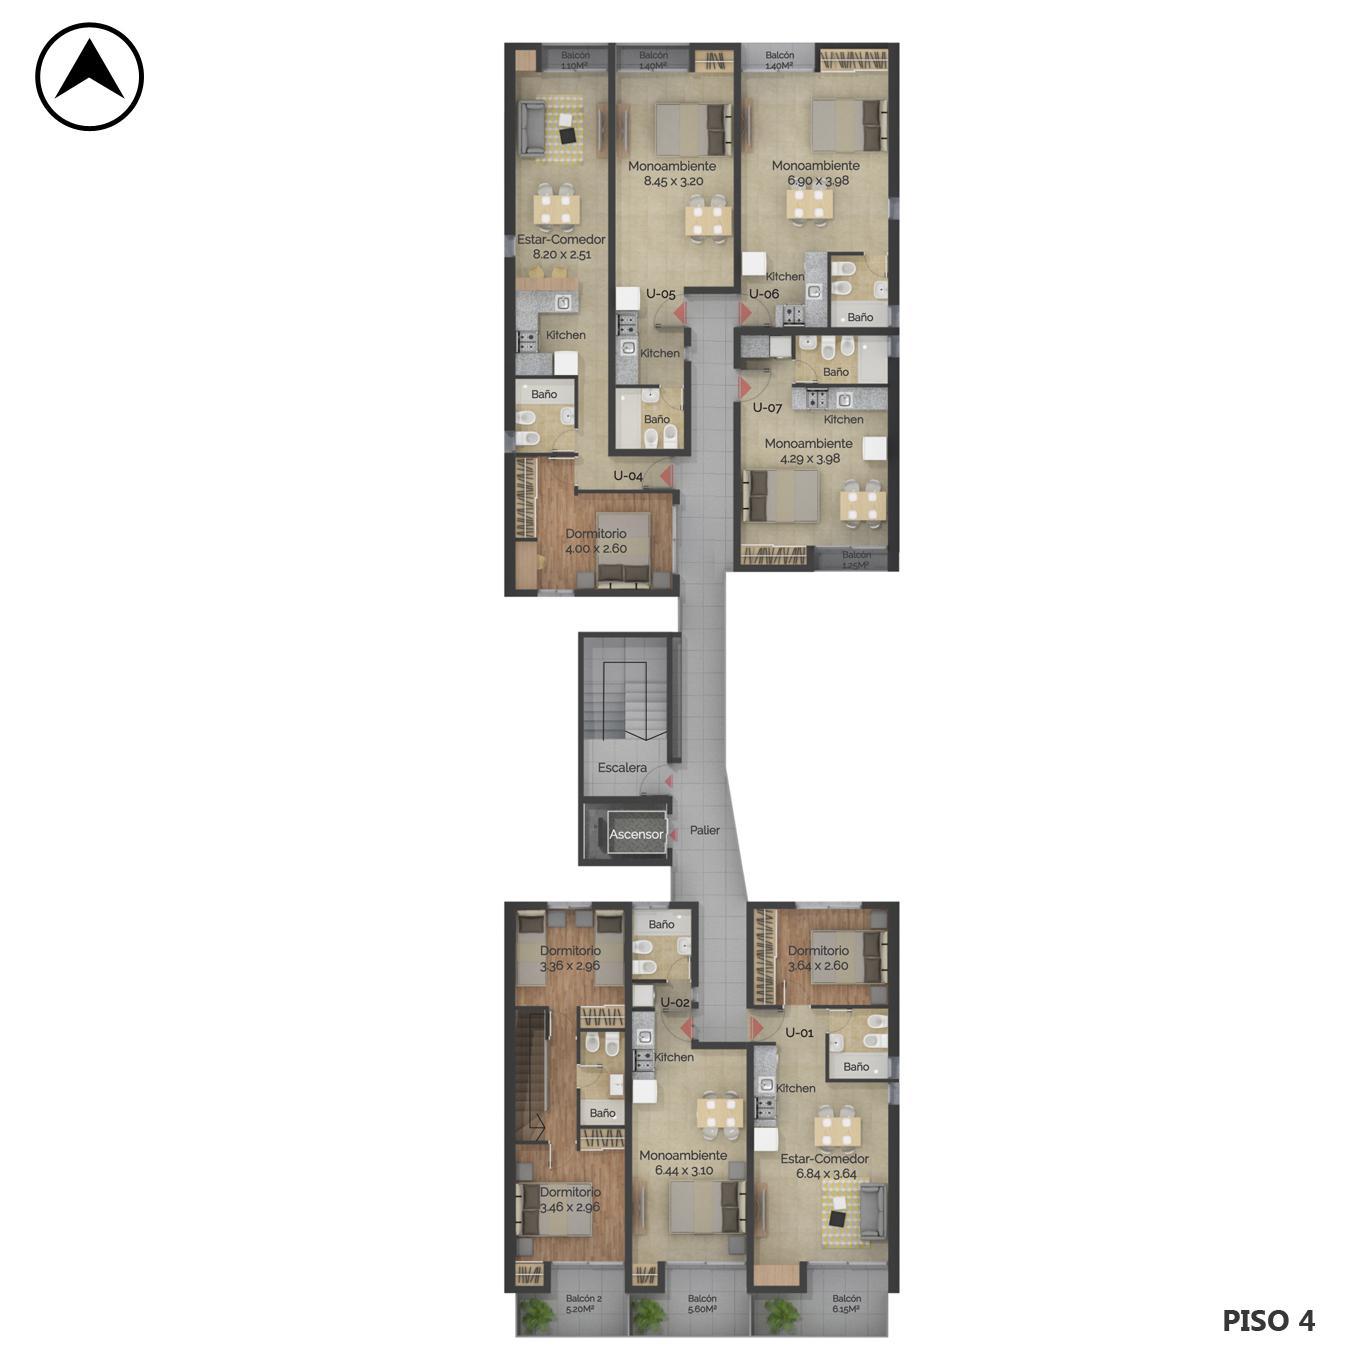 Venta departamento 1 dormitorio Rosario, Centro Oeste. Cod CBU24040 AP2248079. Crestale Propiedades